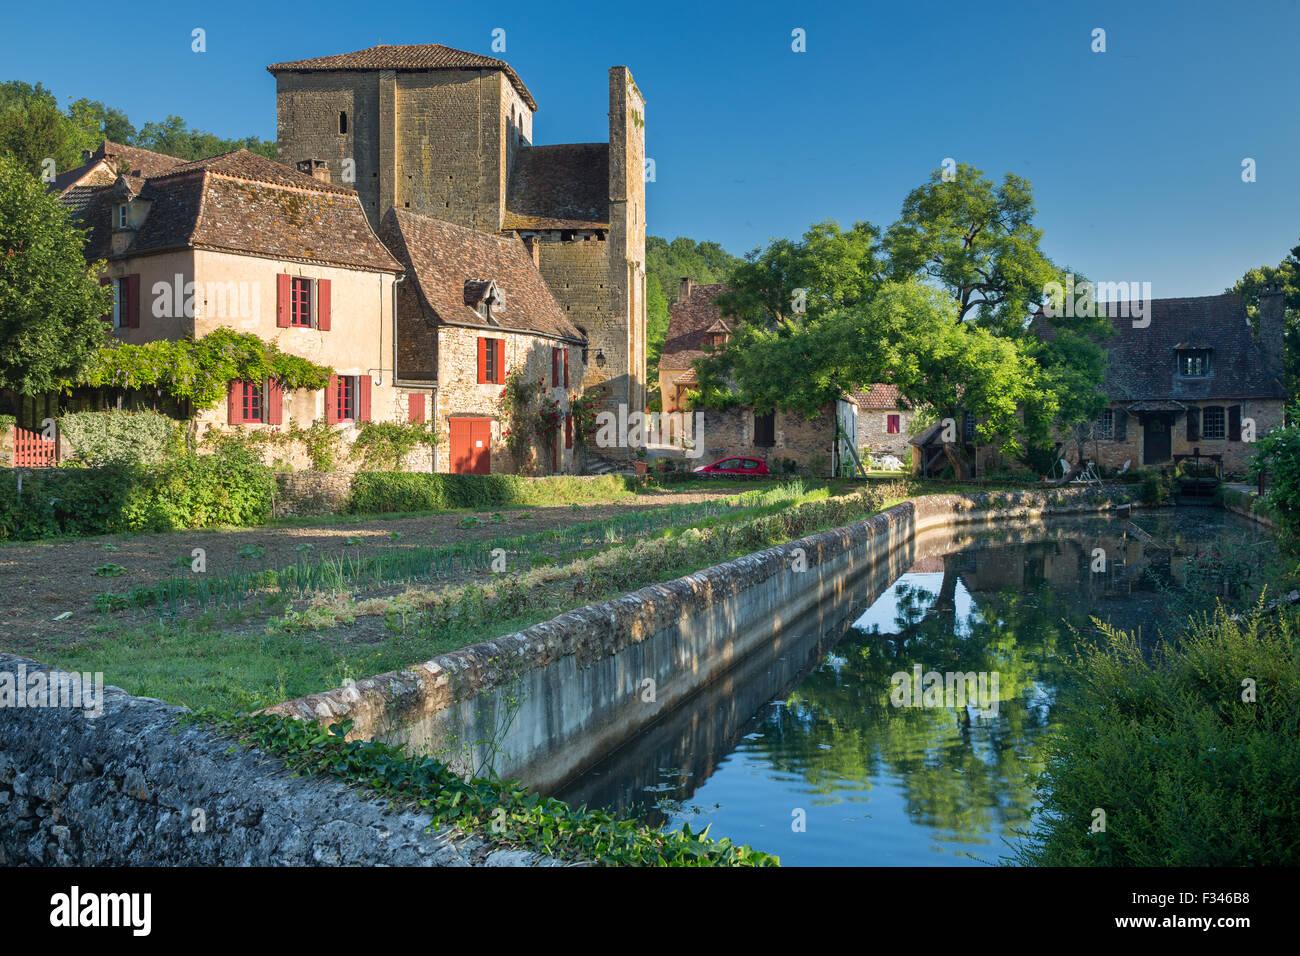 Urval, Pays de Bergerac, Périgord, Dordogne, Aquitaine, France - Stock Image